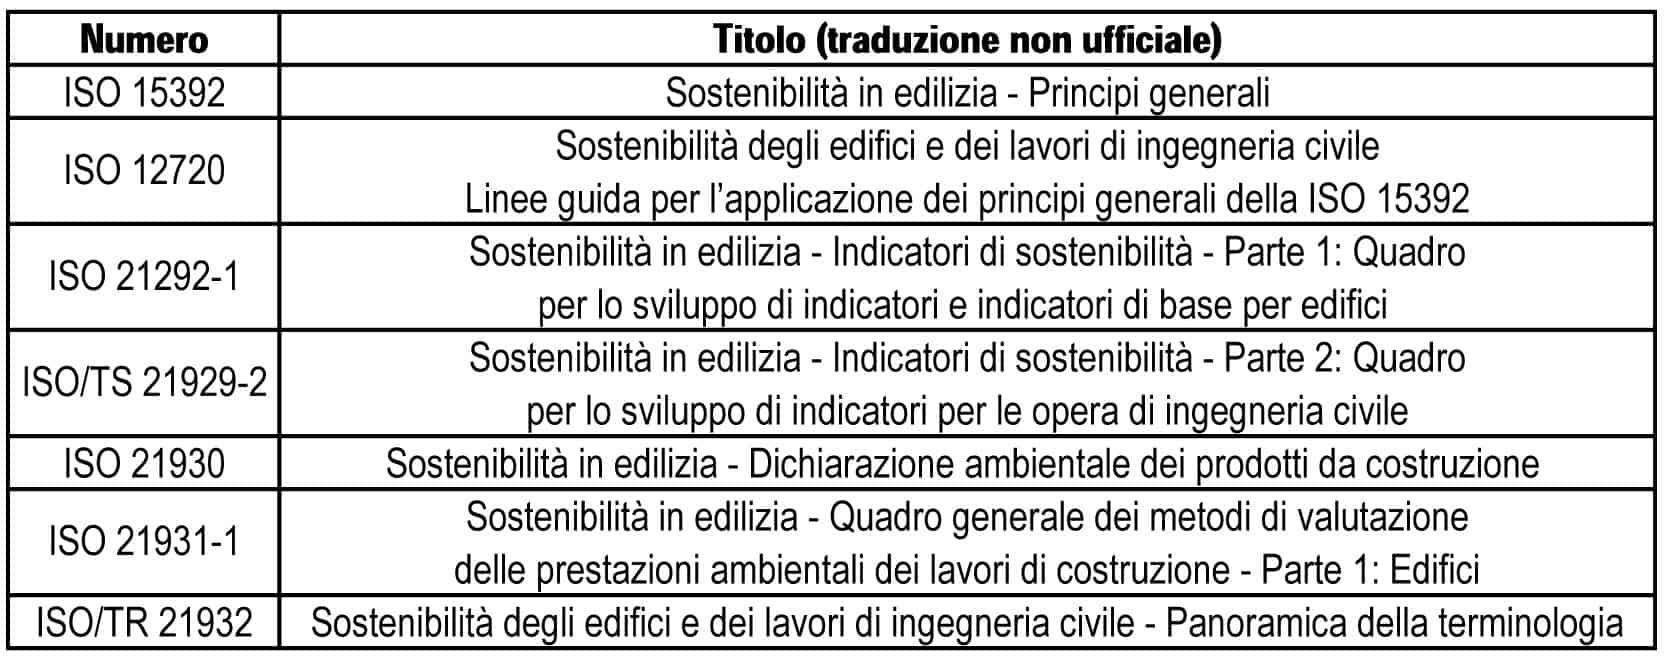 Le Norme internazionali sulla sostenibilità nelle costruzioni